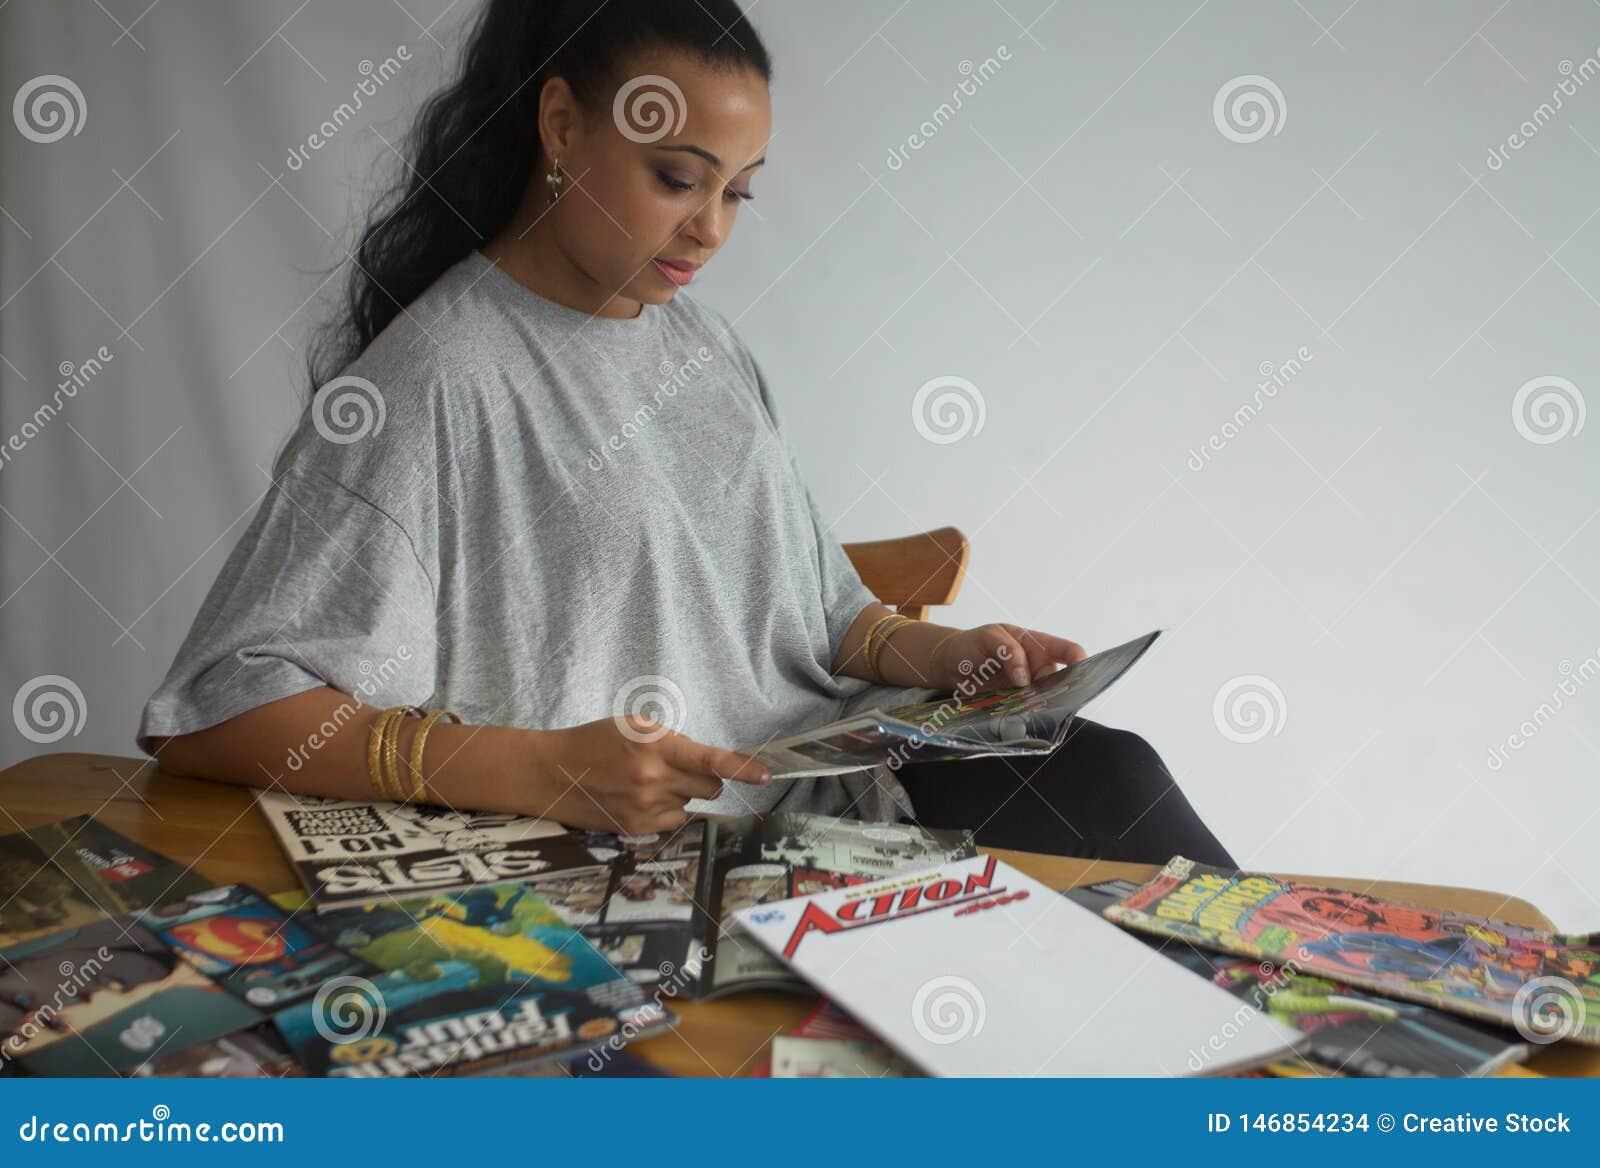 Черные комиксы чтения девушки